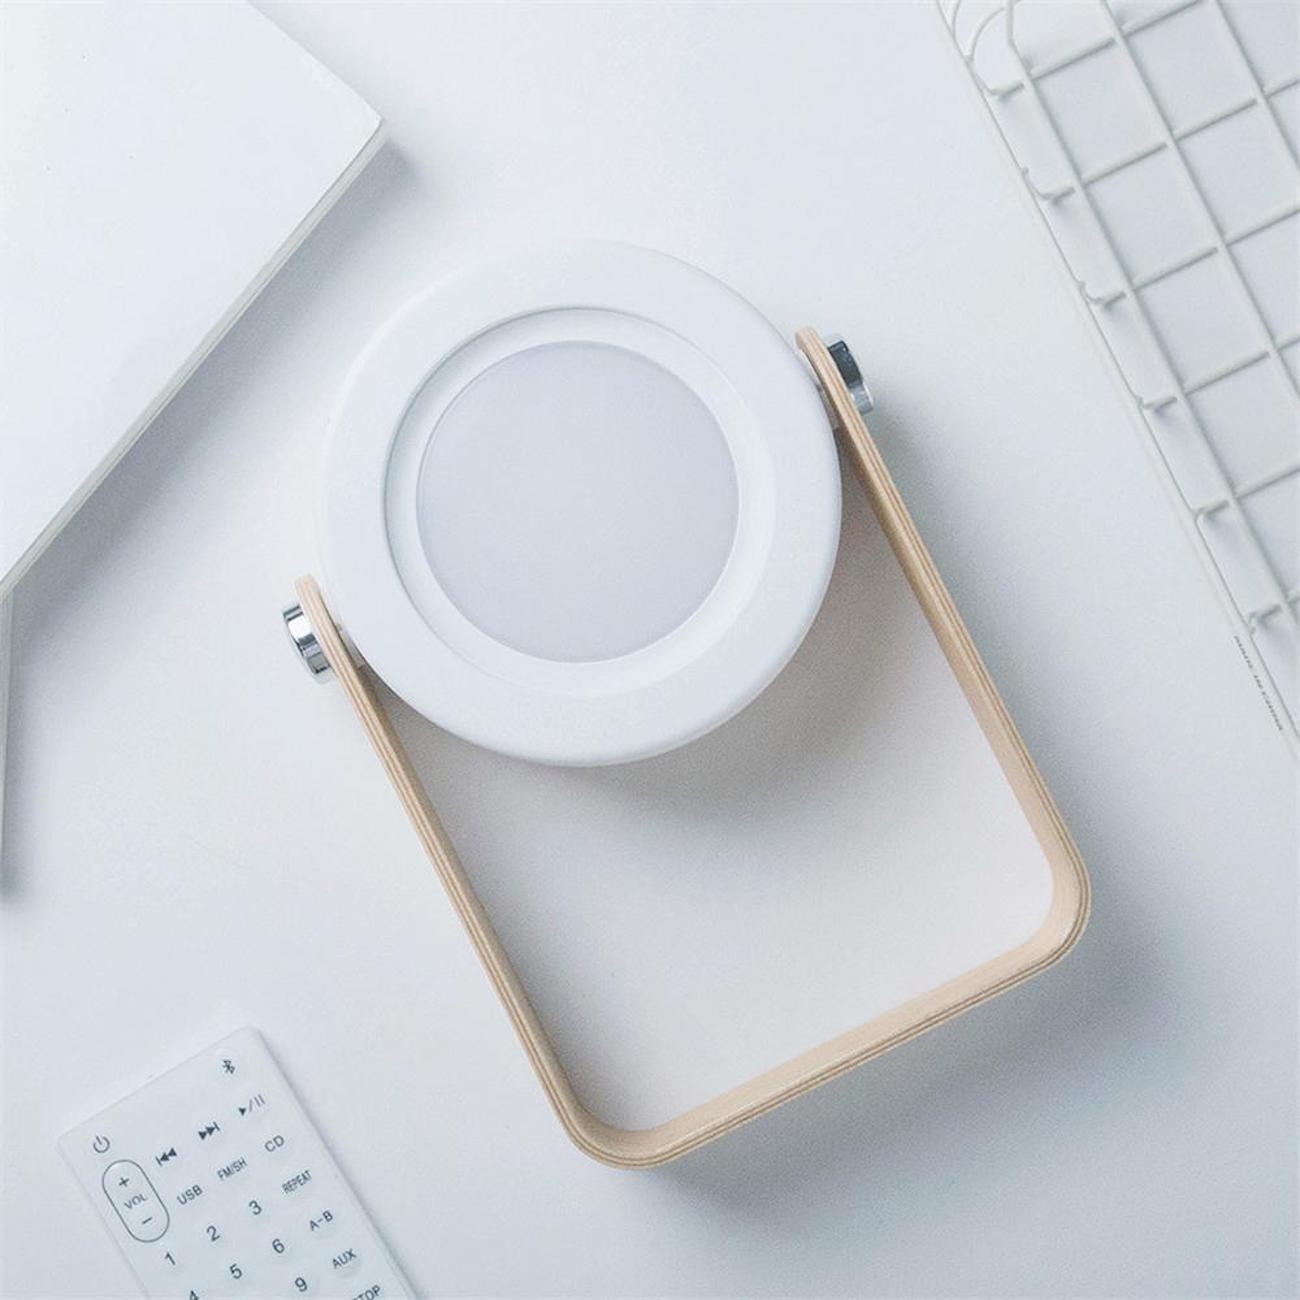 De Minimaliste Lampe Au Cette En Chevet Design Se Transforme ZiukPX